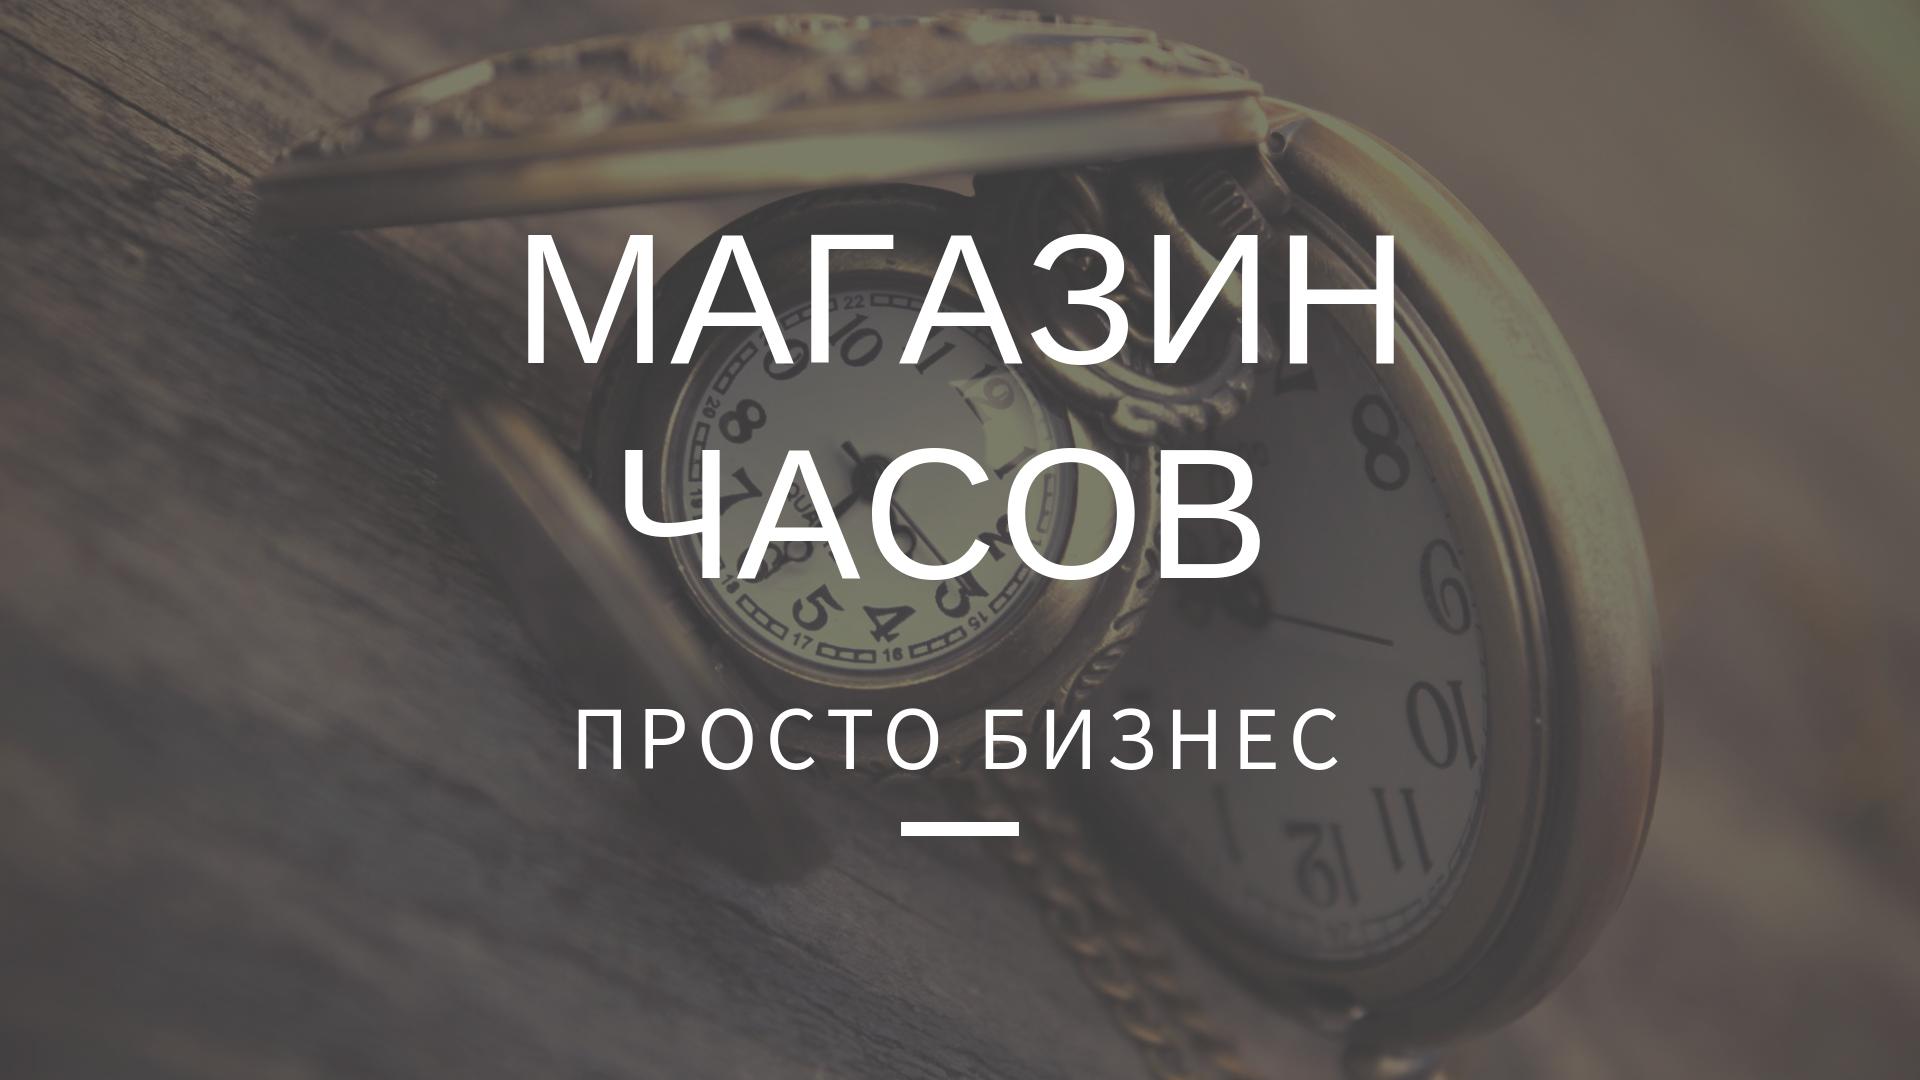 Часы – это необходимая вещь, красивый аксессуар и отличный подарок на любой  праздник. А настенные или напольные устройства могут быть не просто  полезны, ... 73766cbebb4